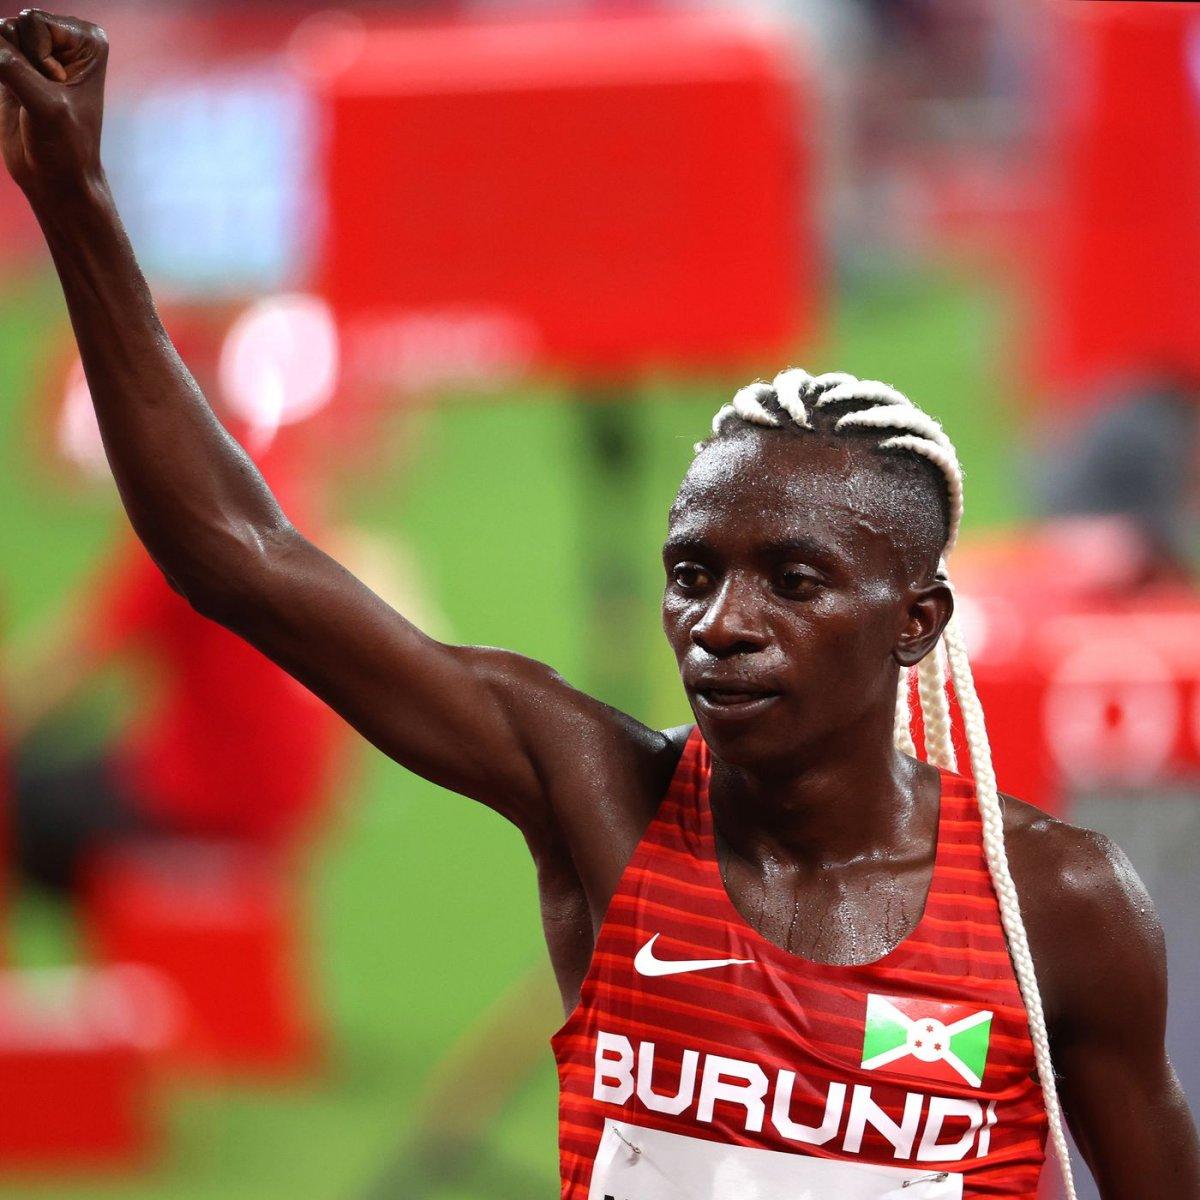 Burundili atlet Francine Niyonsaba dan dünya rekoru #1